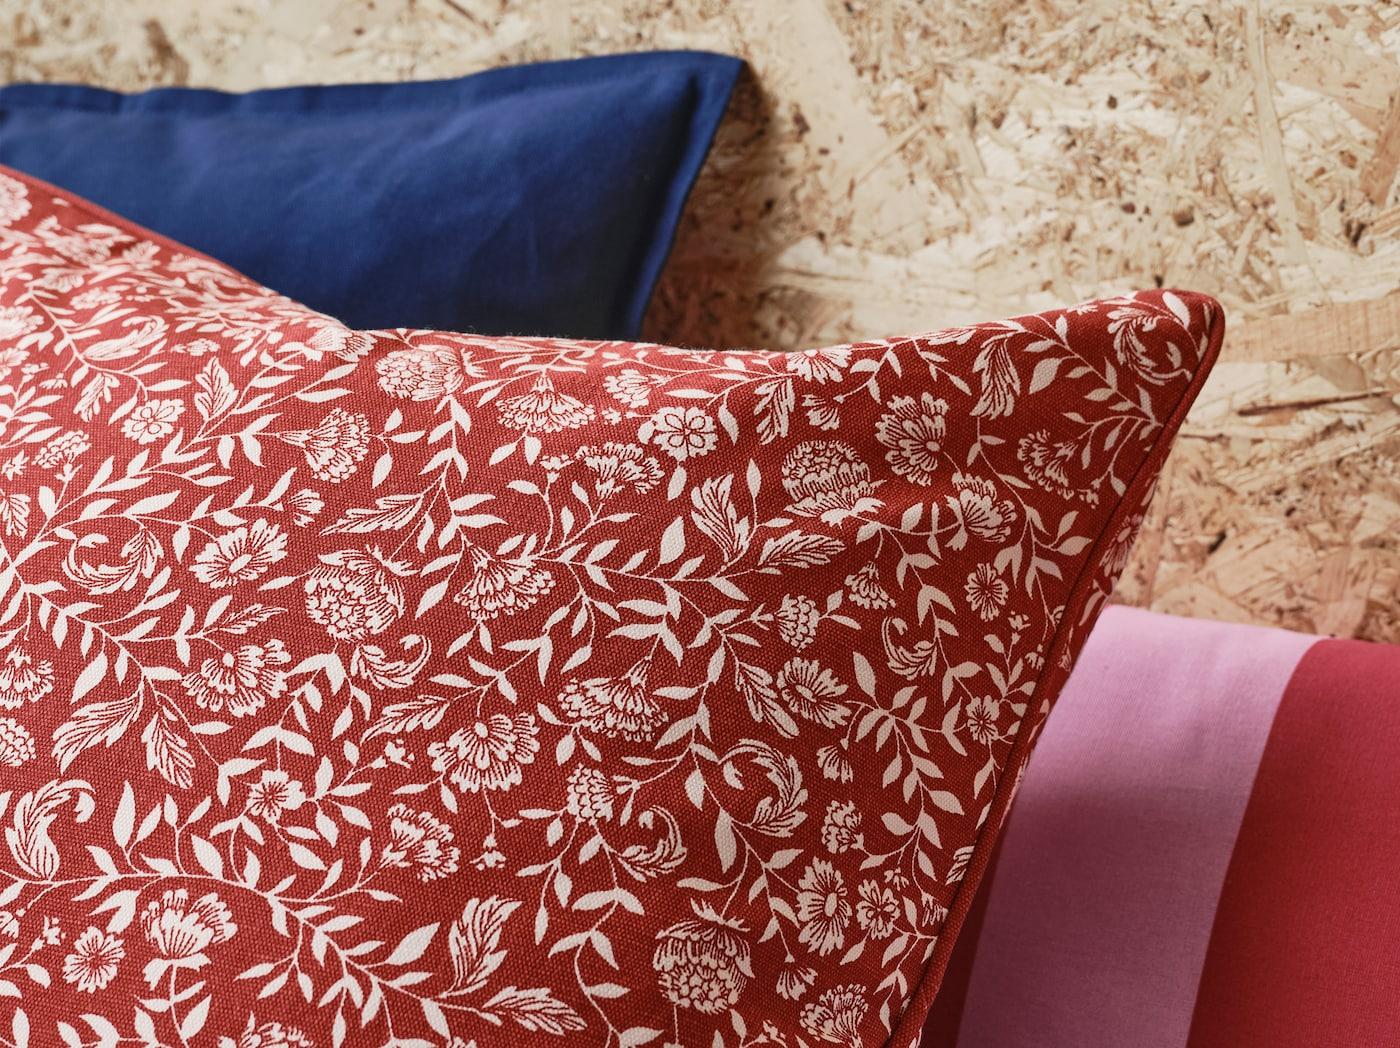 产品特写:饰有传统斯堪的纳维亚红白花卉图案的EVALOUISE 伊瓦璐 垫套。